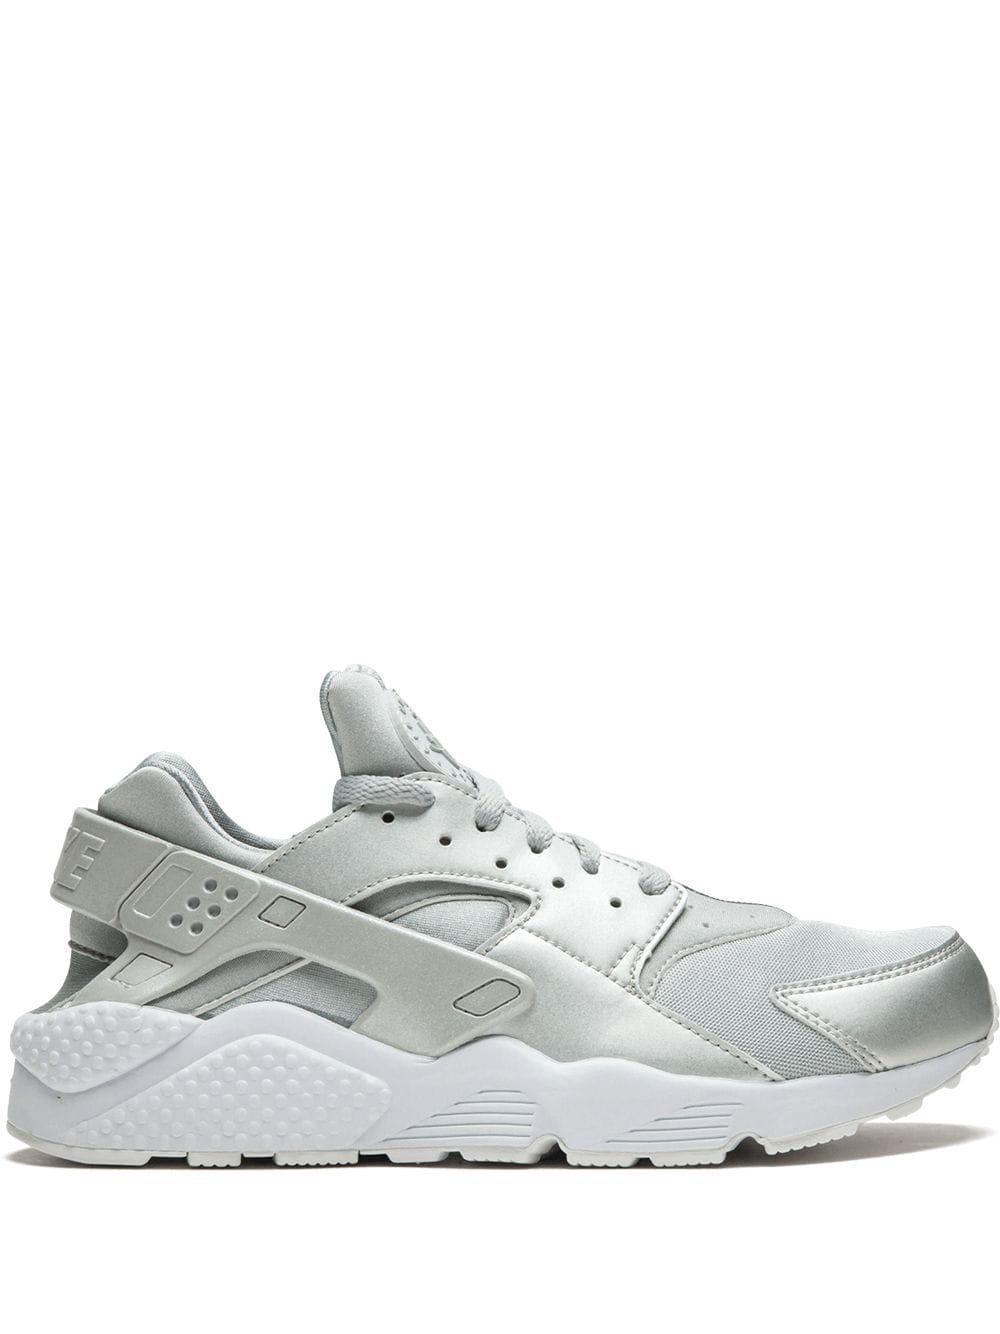 Officiel Nike Air Max 270 GS Chaussures Nike Prix Pas Cher Pour FemmeEnfant Blanc Noir AH8050 001 1804222430 Officiel Nike Site! Chaussures Tn